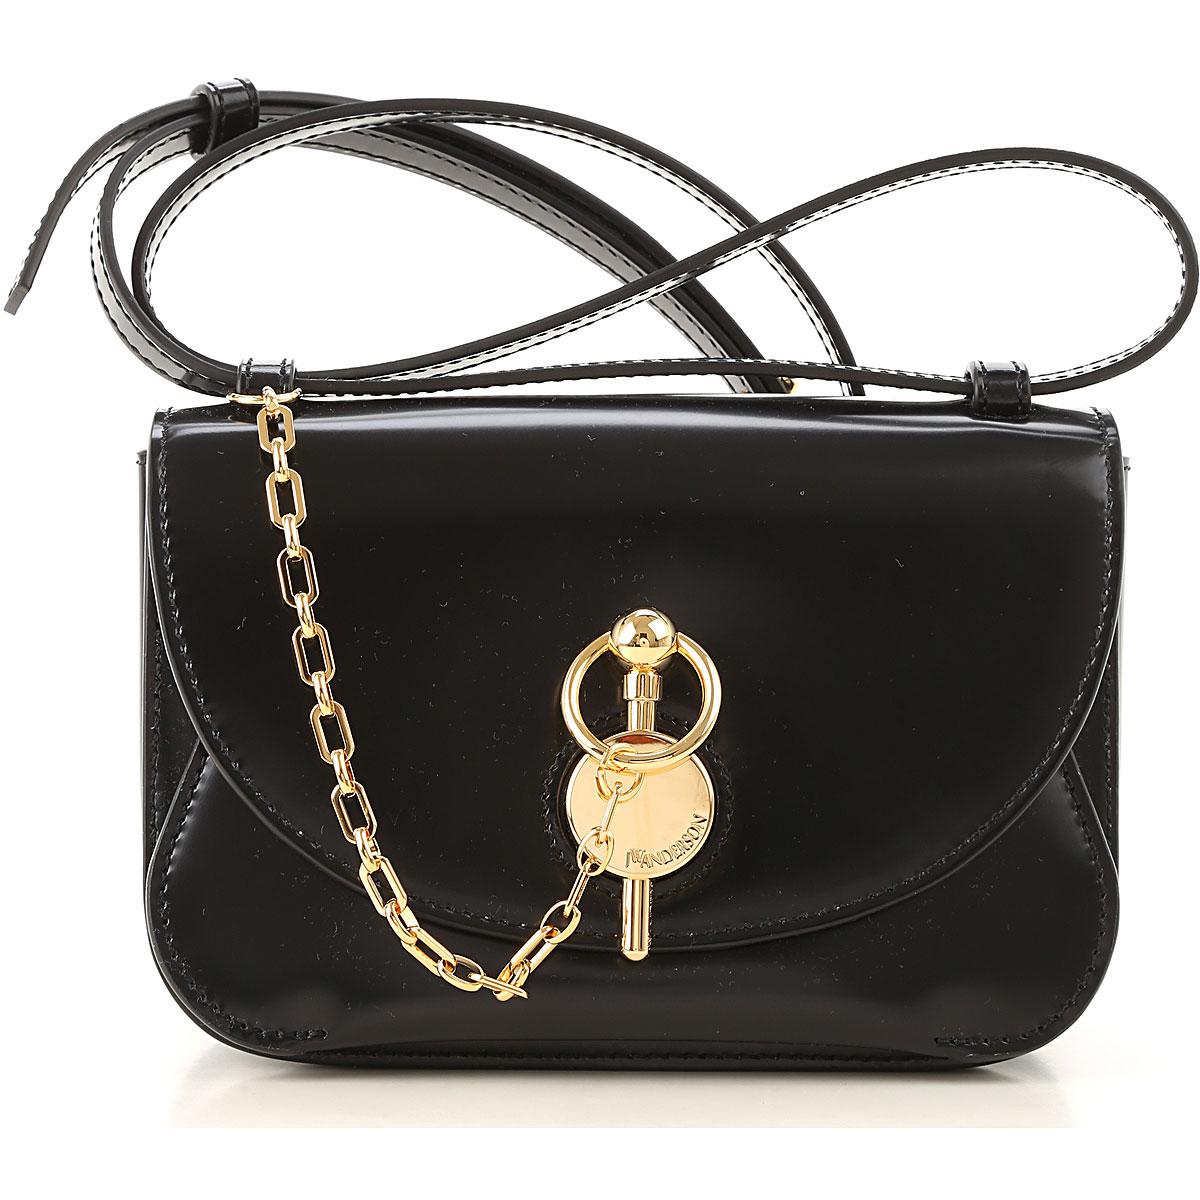 JW Anderson Shoulder Bag for Women, Black, Leather, 2019